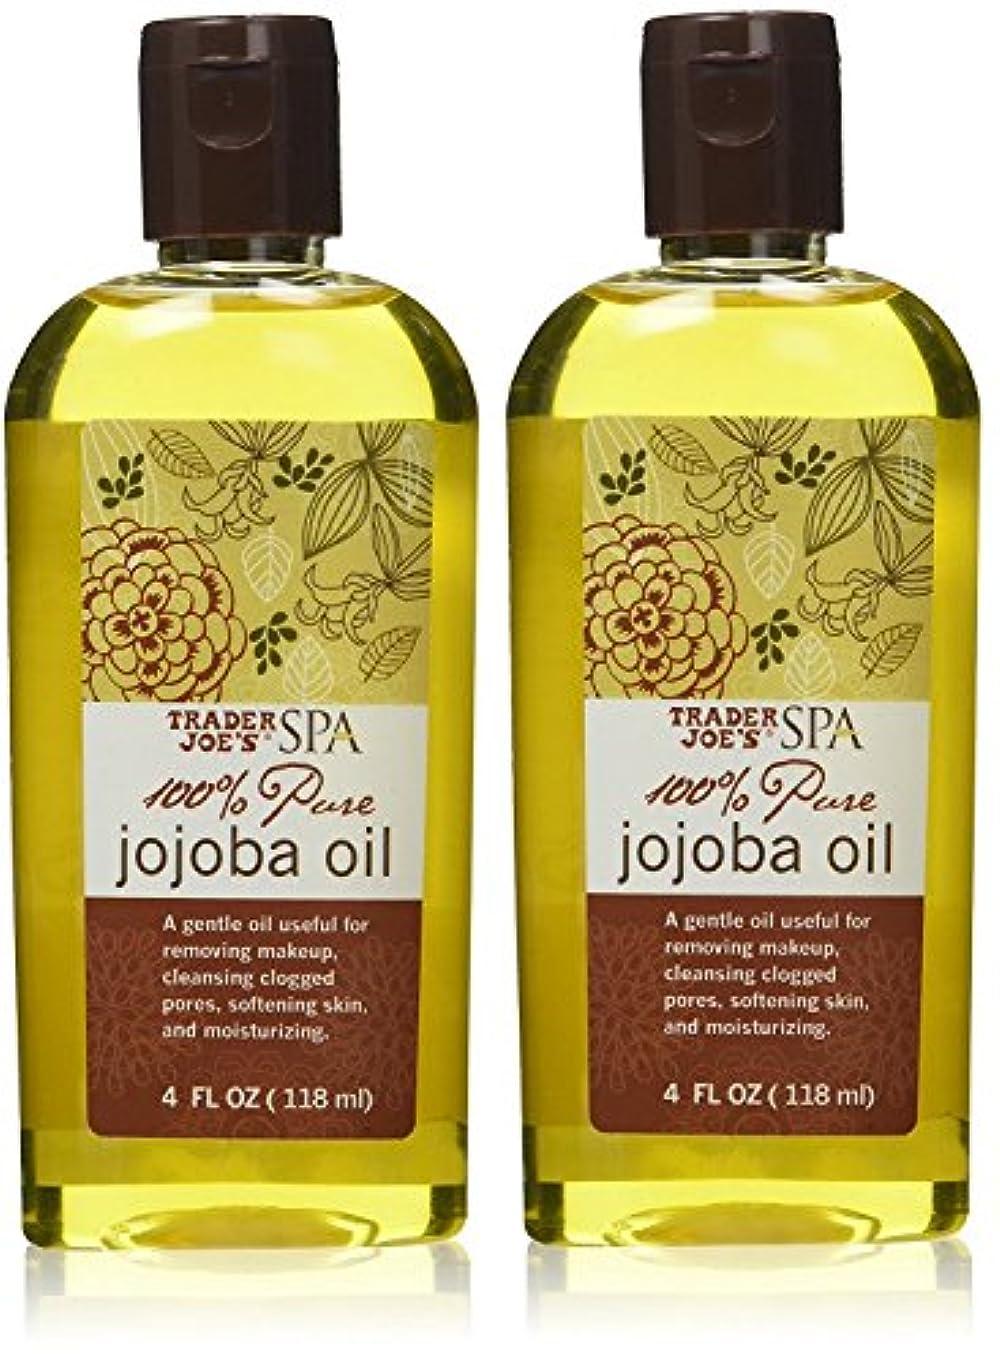 降ろすインシュレータ不振トレーダージョーズ 100%ピュア ホホバオイル【2個セット】 [並行輸入品] Trader Joe's SPA 100% Pure Jojoba Oil (4FL OZ/118ml)